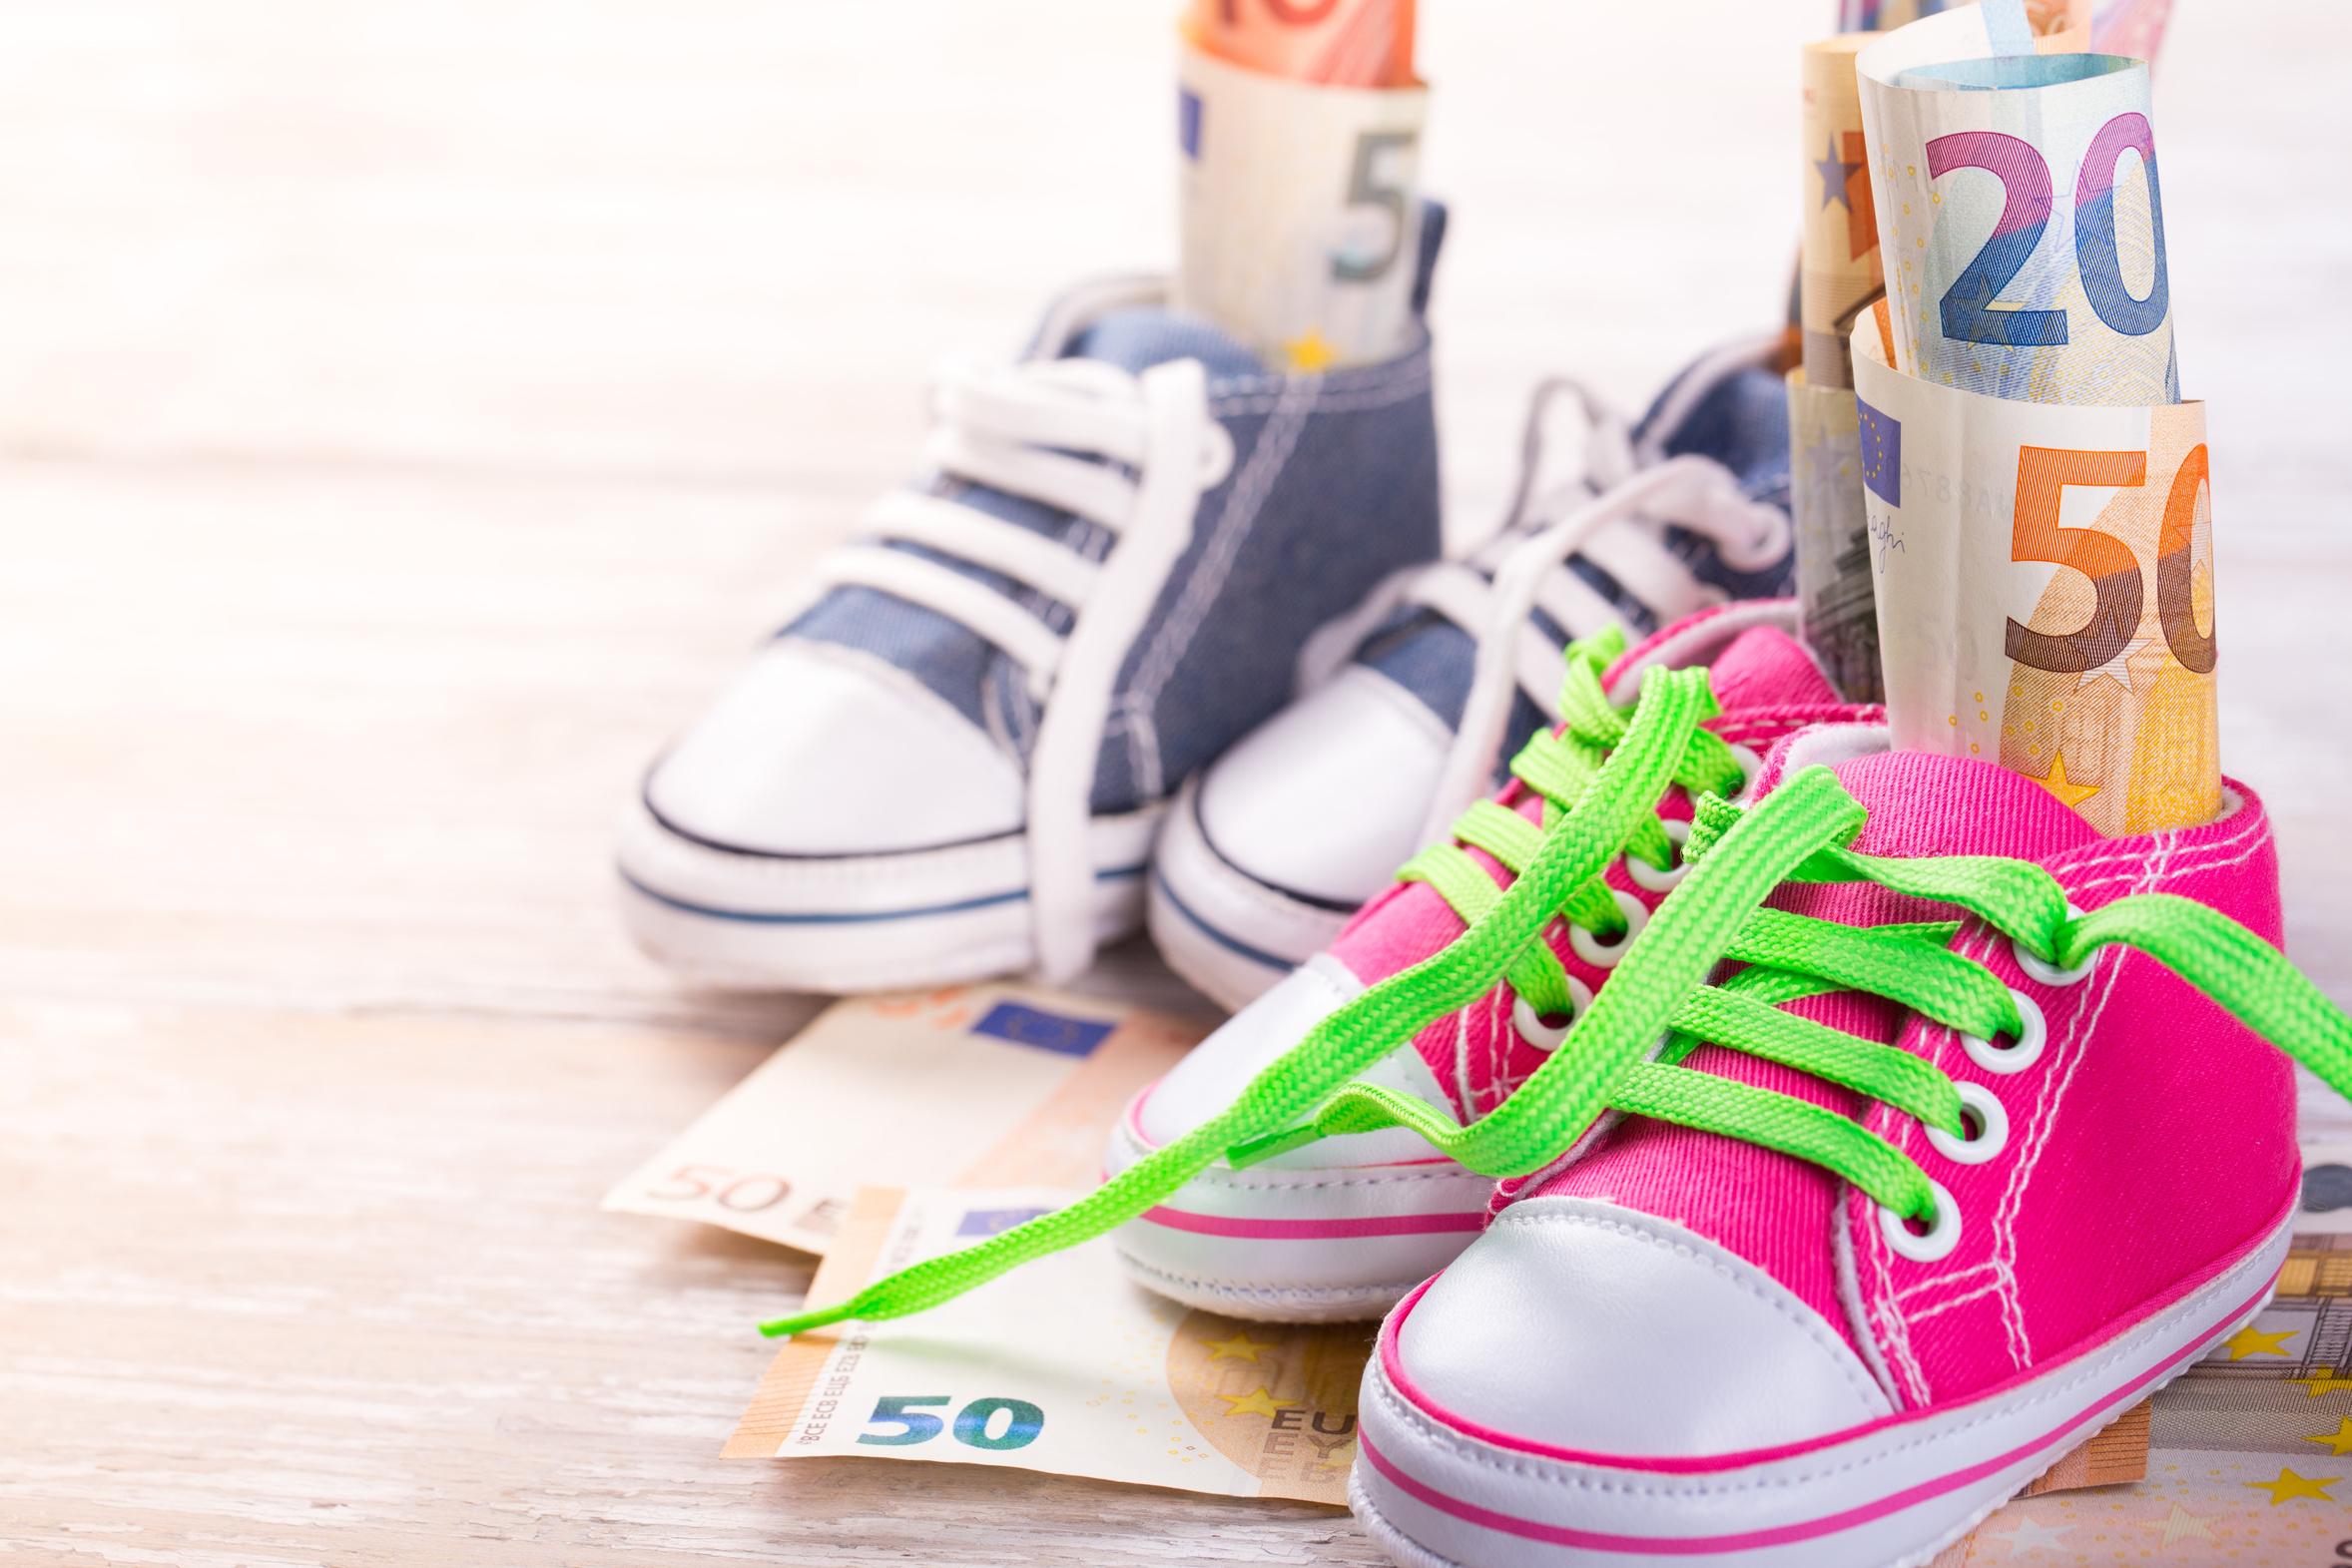 CHECKLISTE Werbungskosten | Sonderausgaben | Außergewöhnliche Belastungen - 4.5.2020